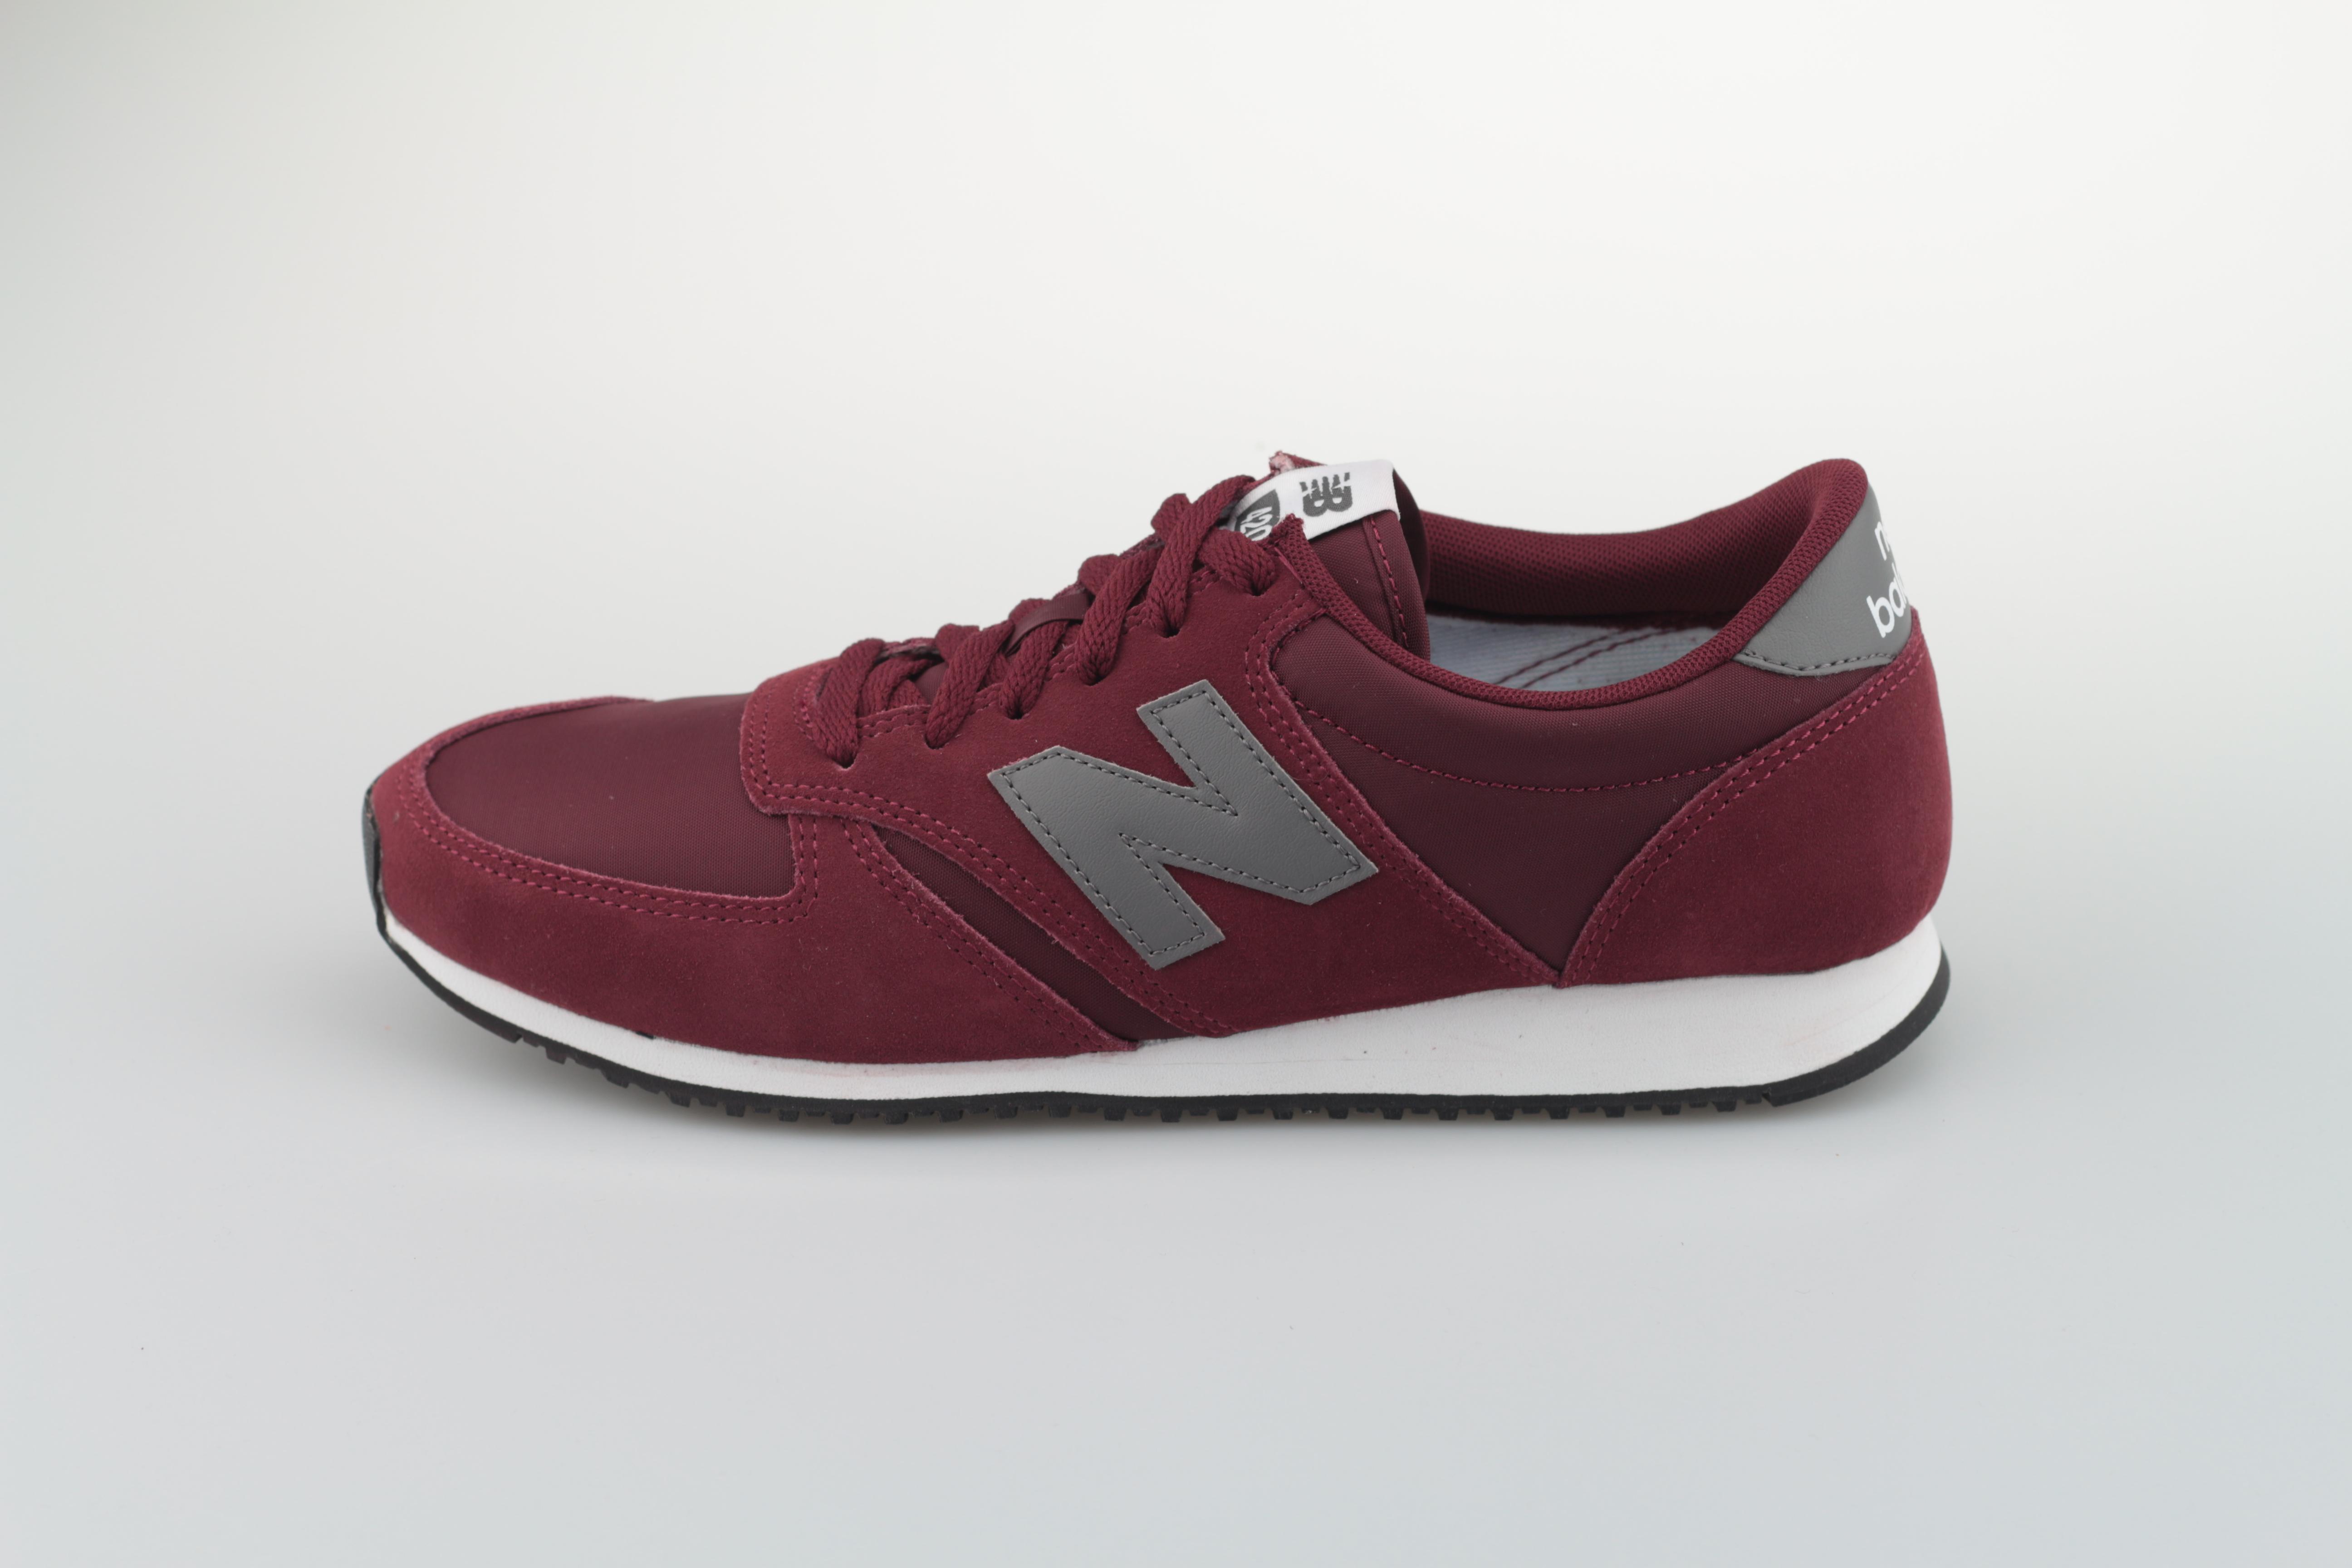 new-balance-u-420-bur-657491-6018-burgundy-1